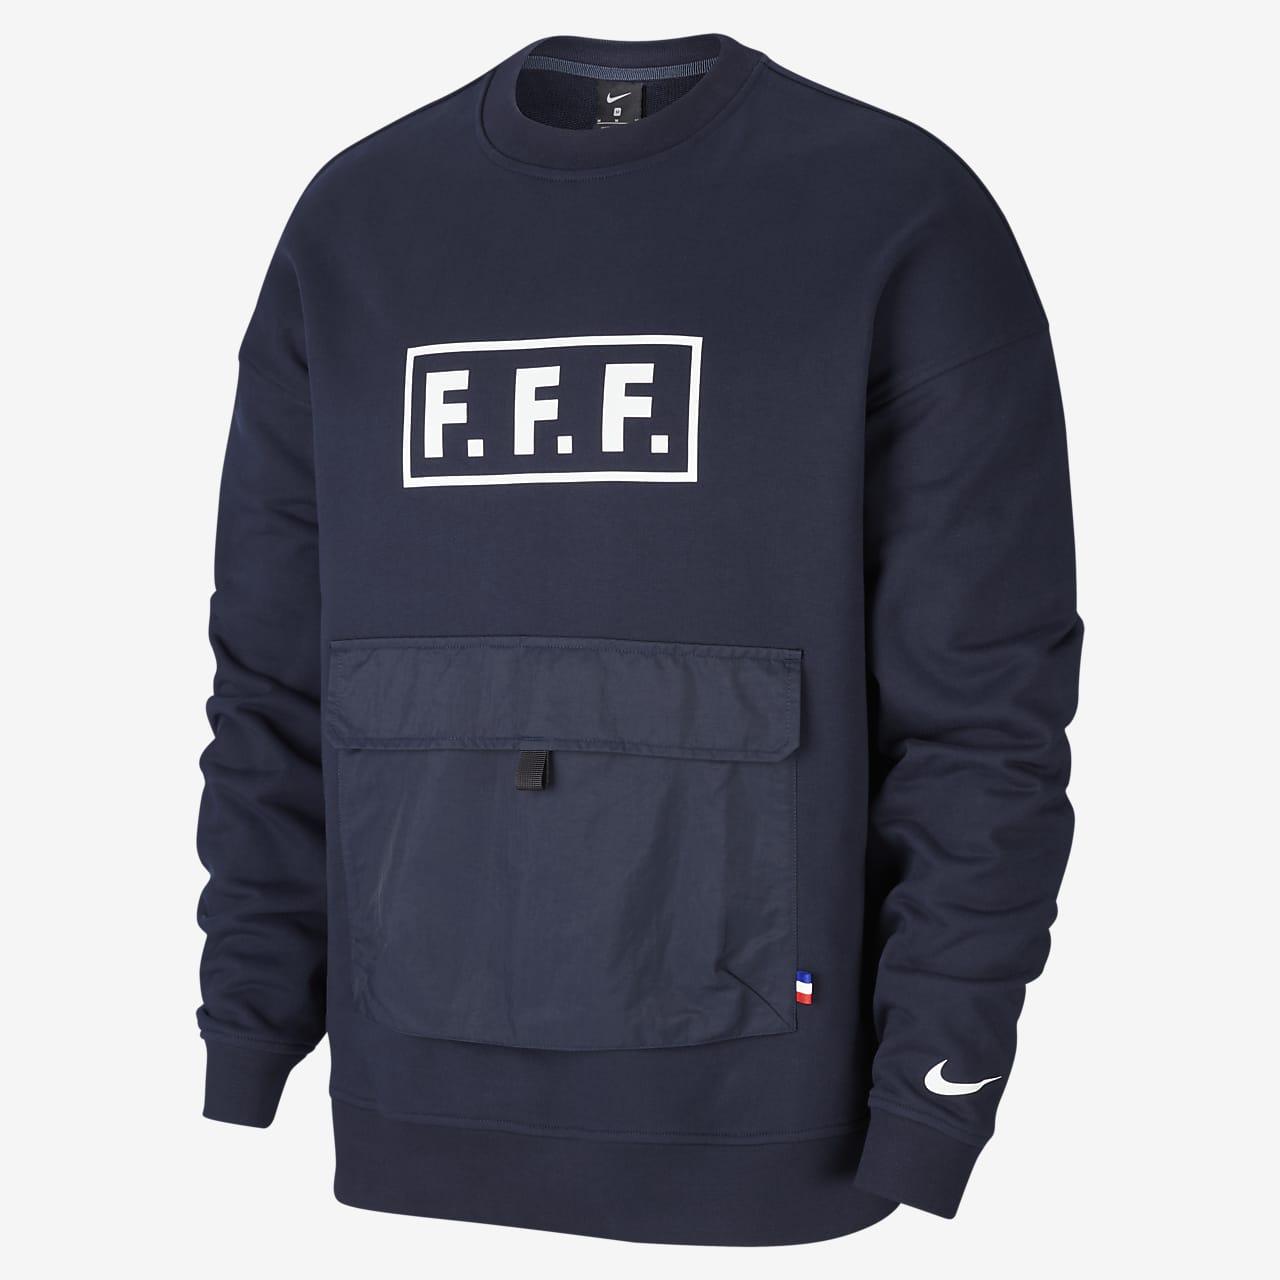 FFF Fleece Long-Sleeve Football Crew